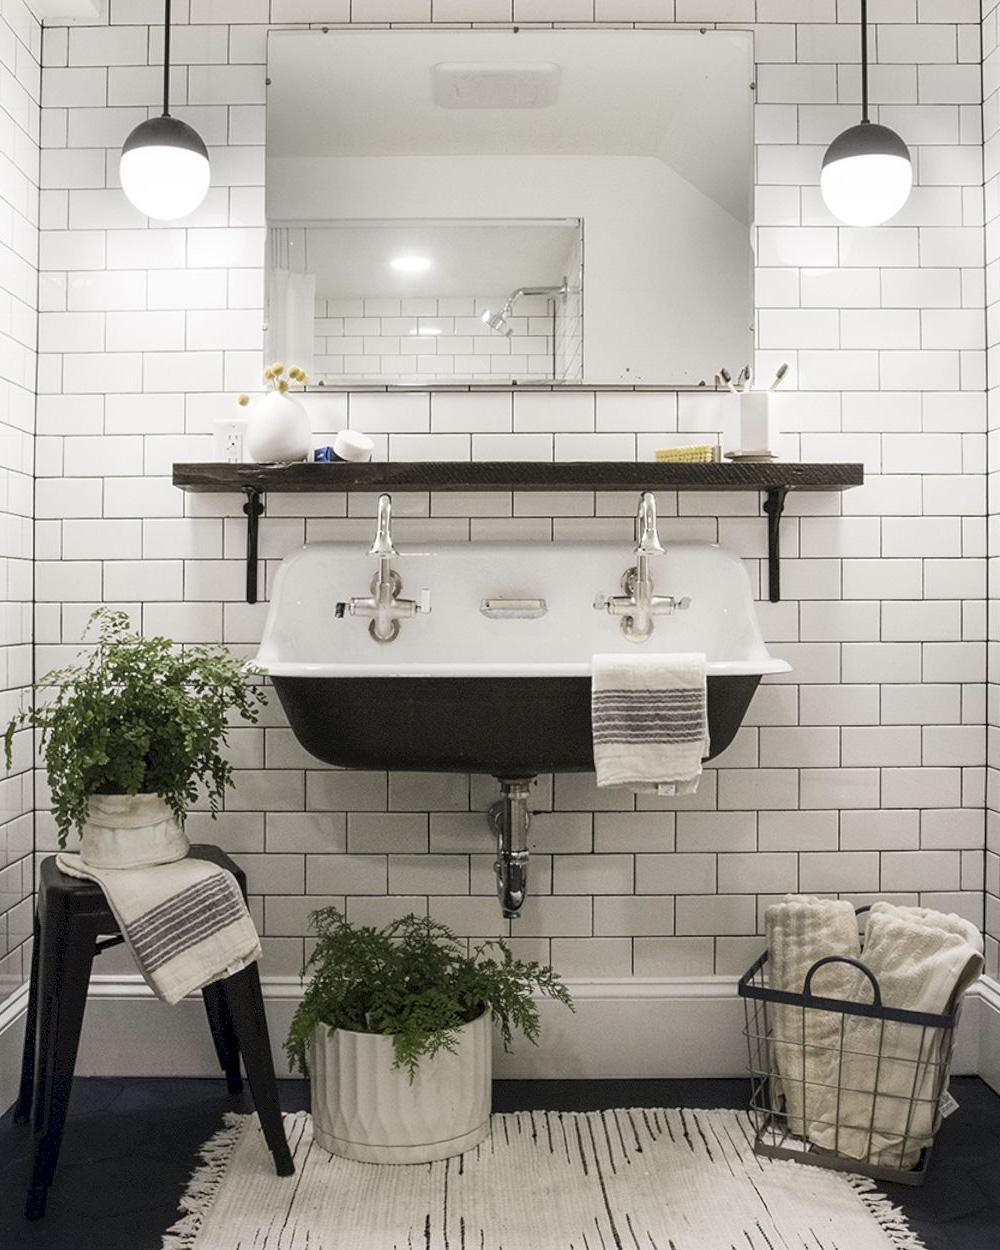 vasque salle de bain suspendue